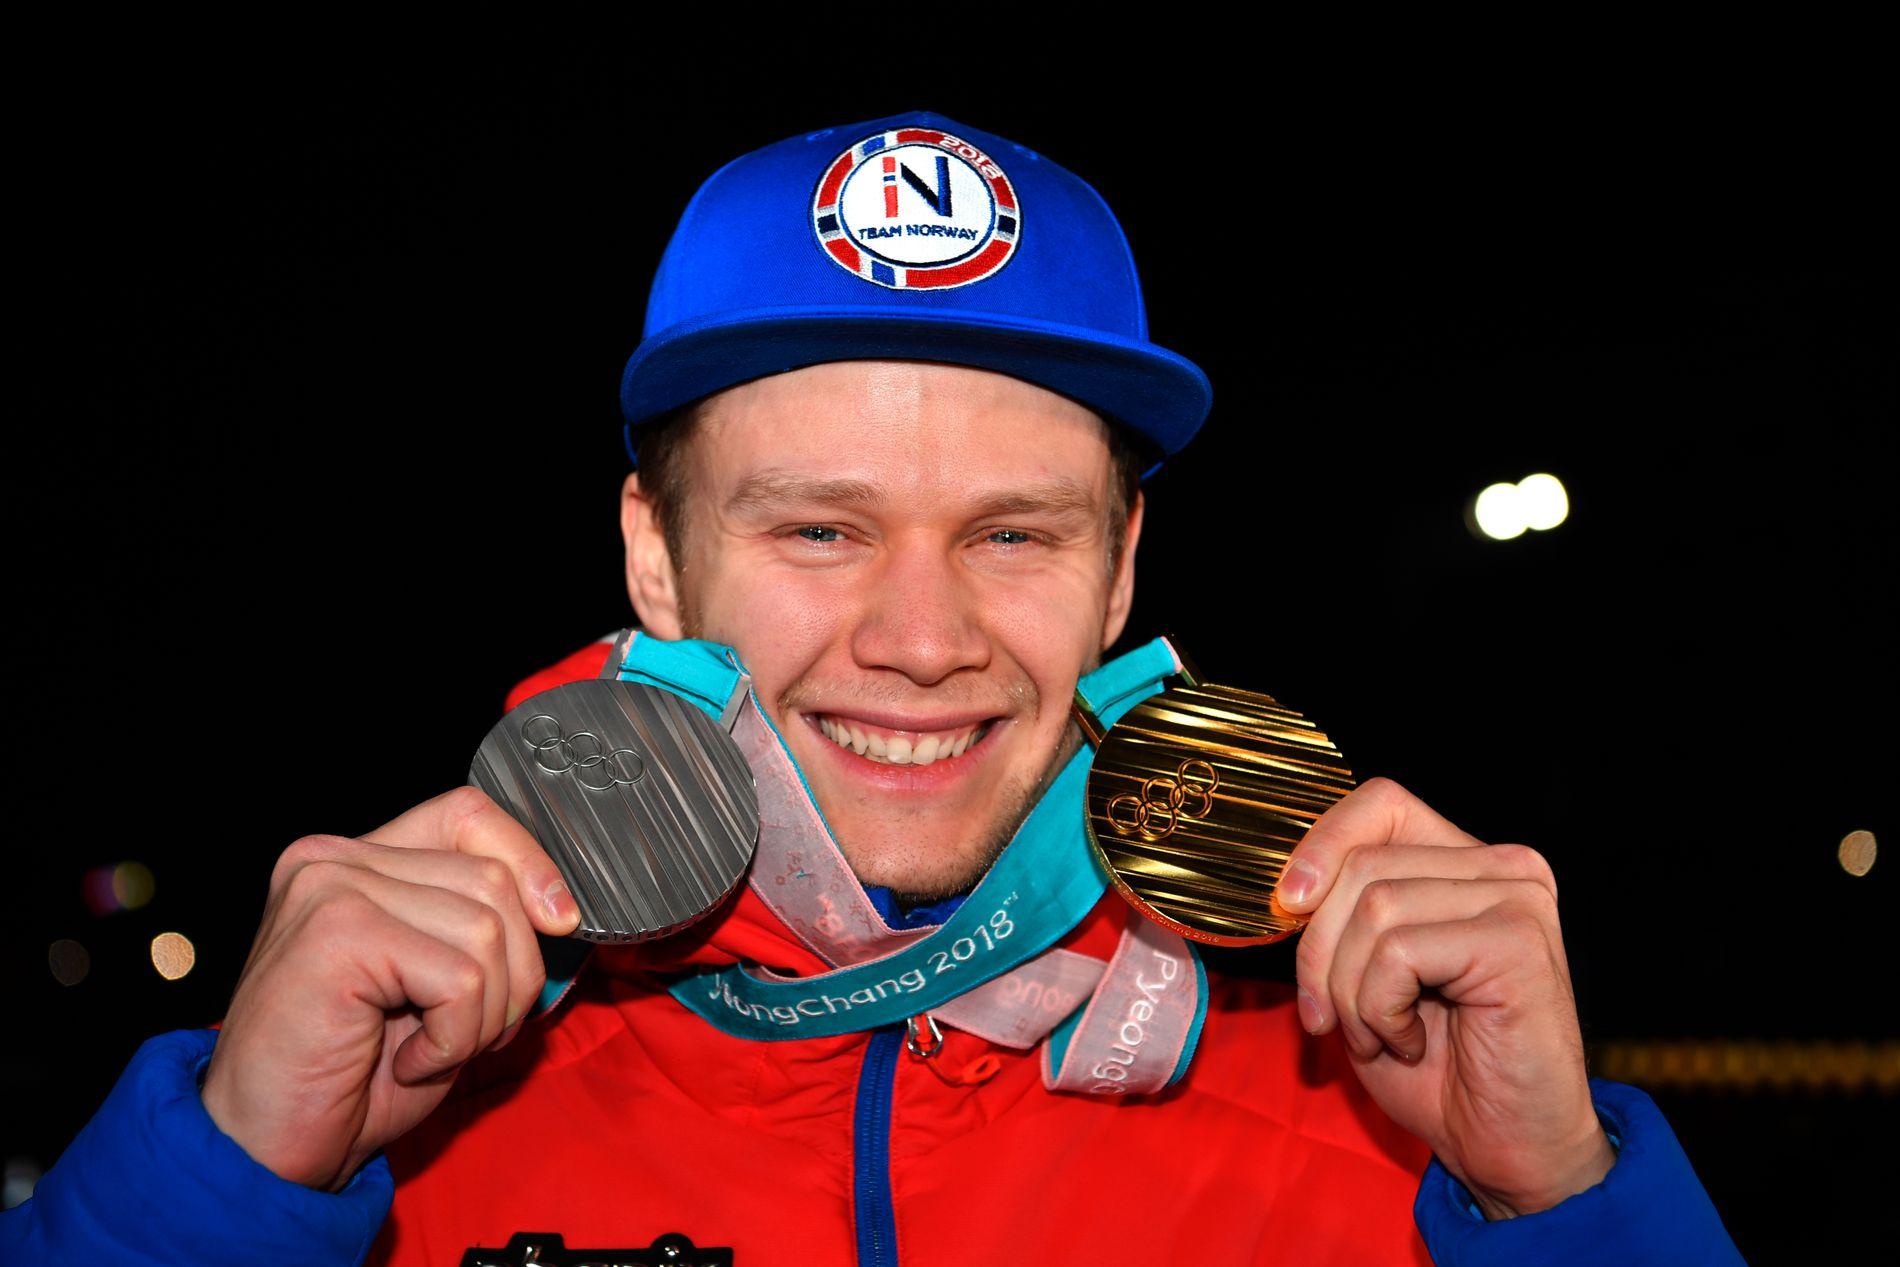 KLAR FOR NY SESONG: Håvard Lorentzen (26) vant gull på 500 meter i Sør-Korea i februar med ny OL-rekord og sølv på 1000 meter, fire hundredeler bak vinneren Kjeld Nuis fra Nederland.